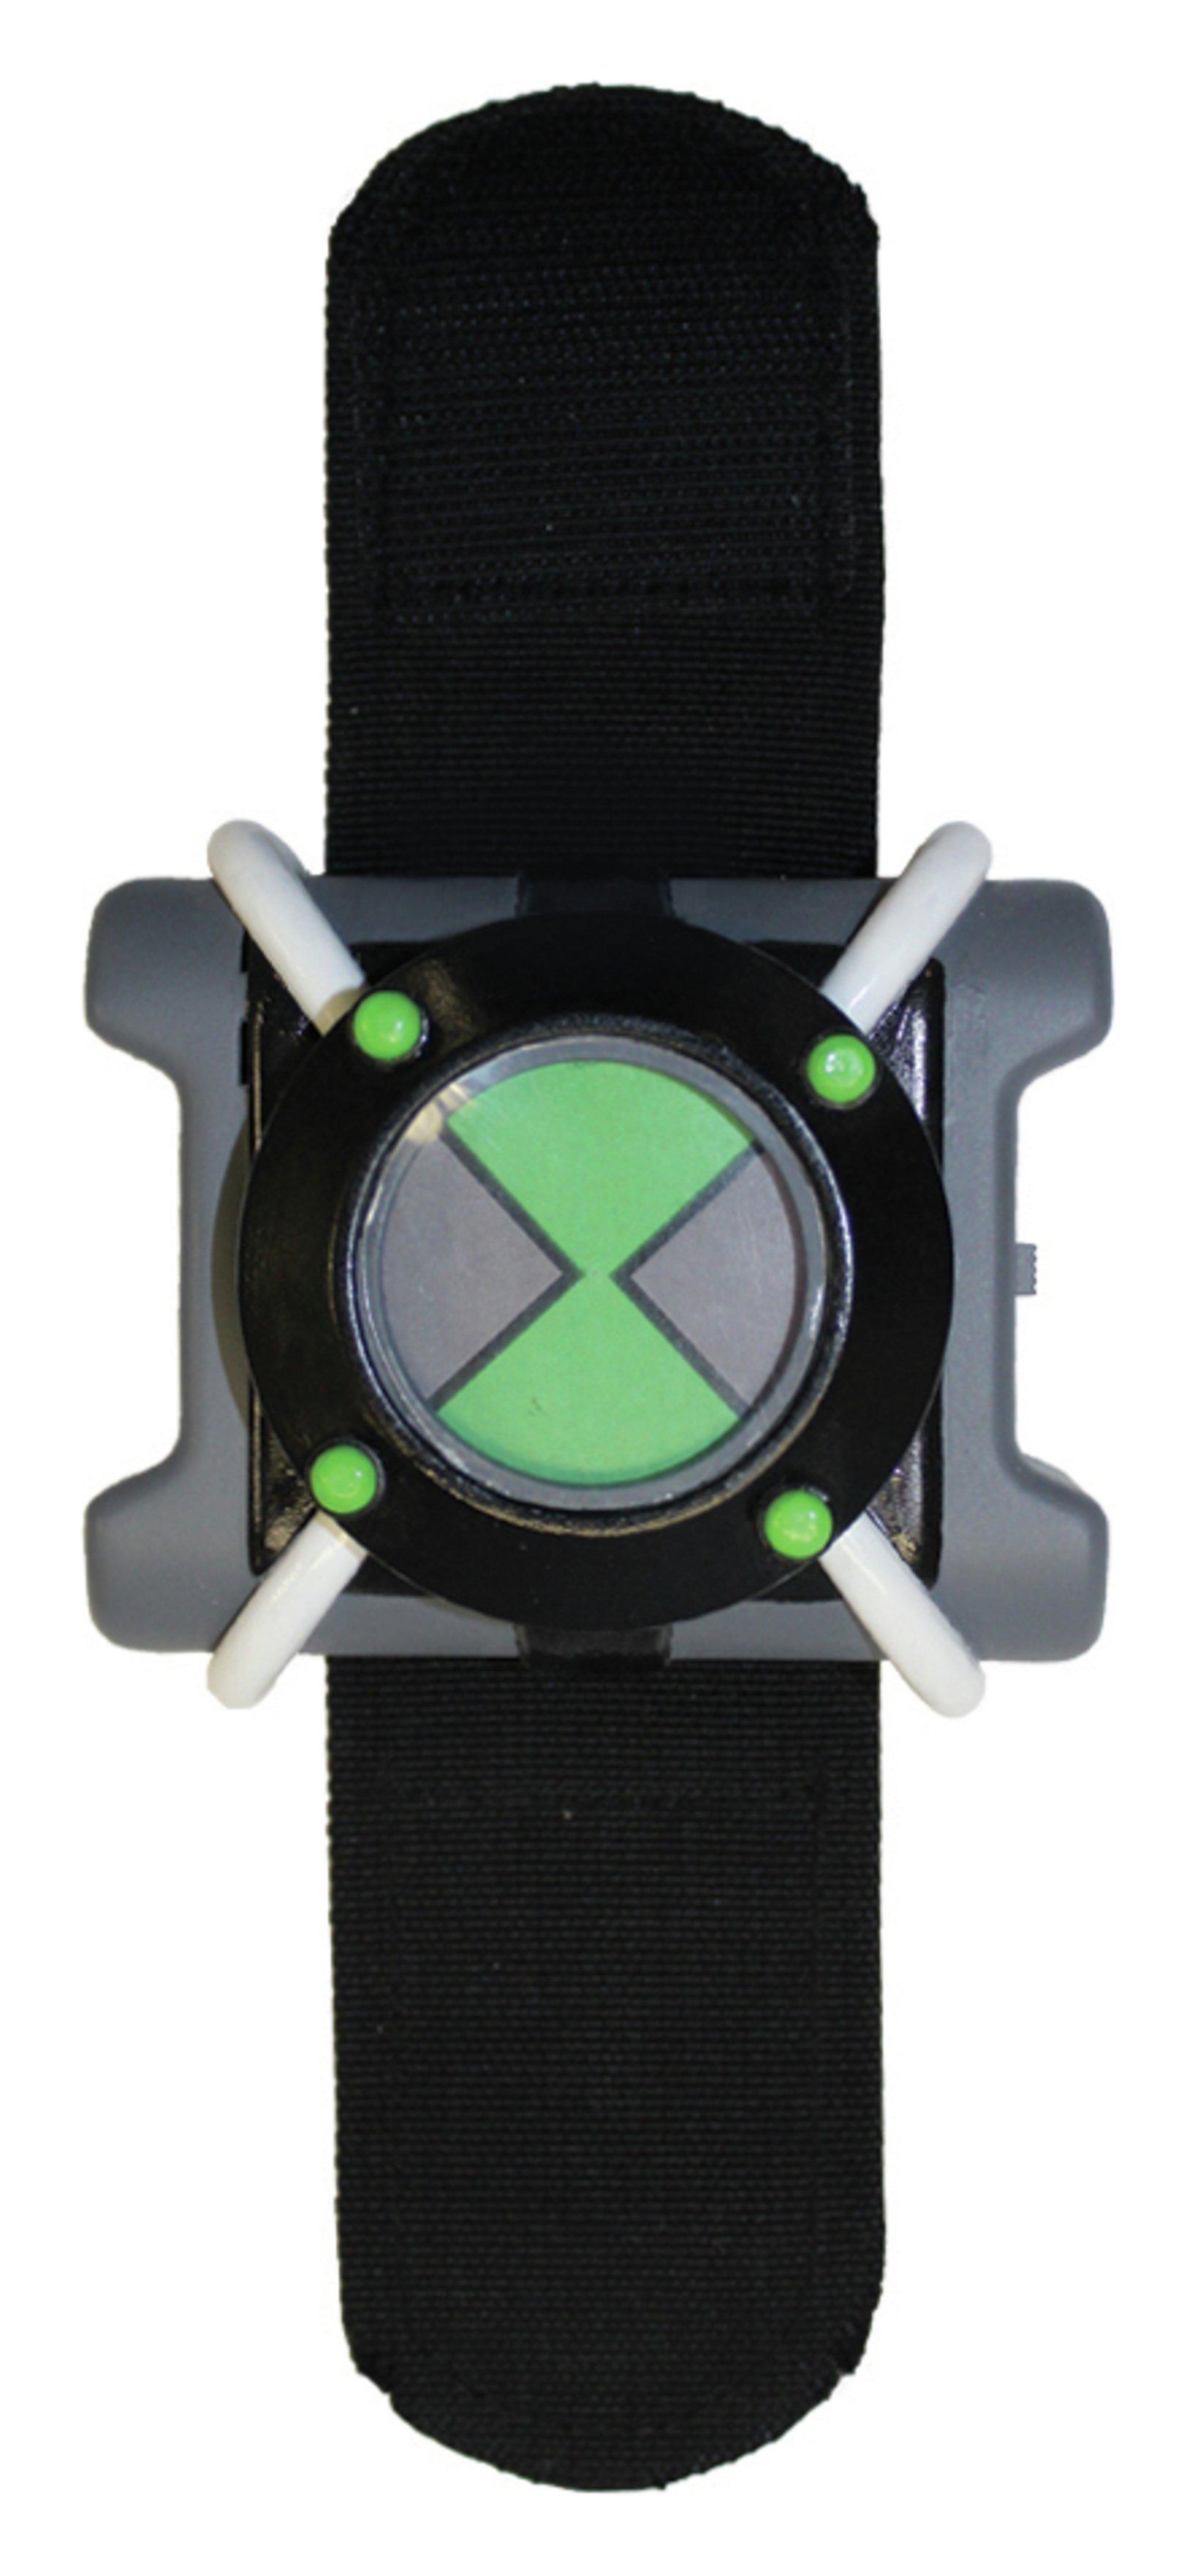 Ben 10 Basic Omnitrix Watch.